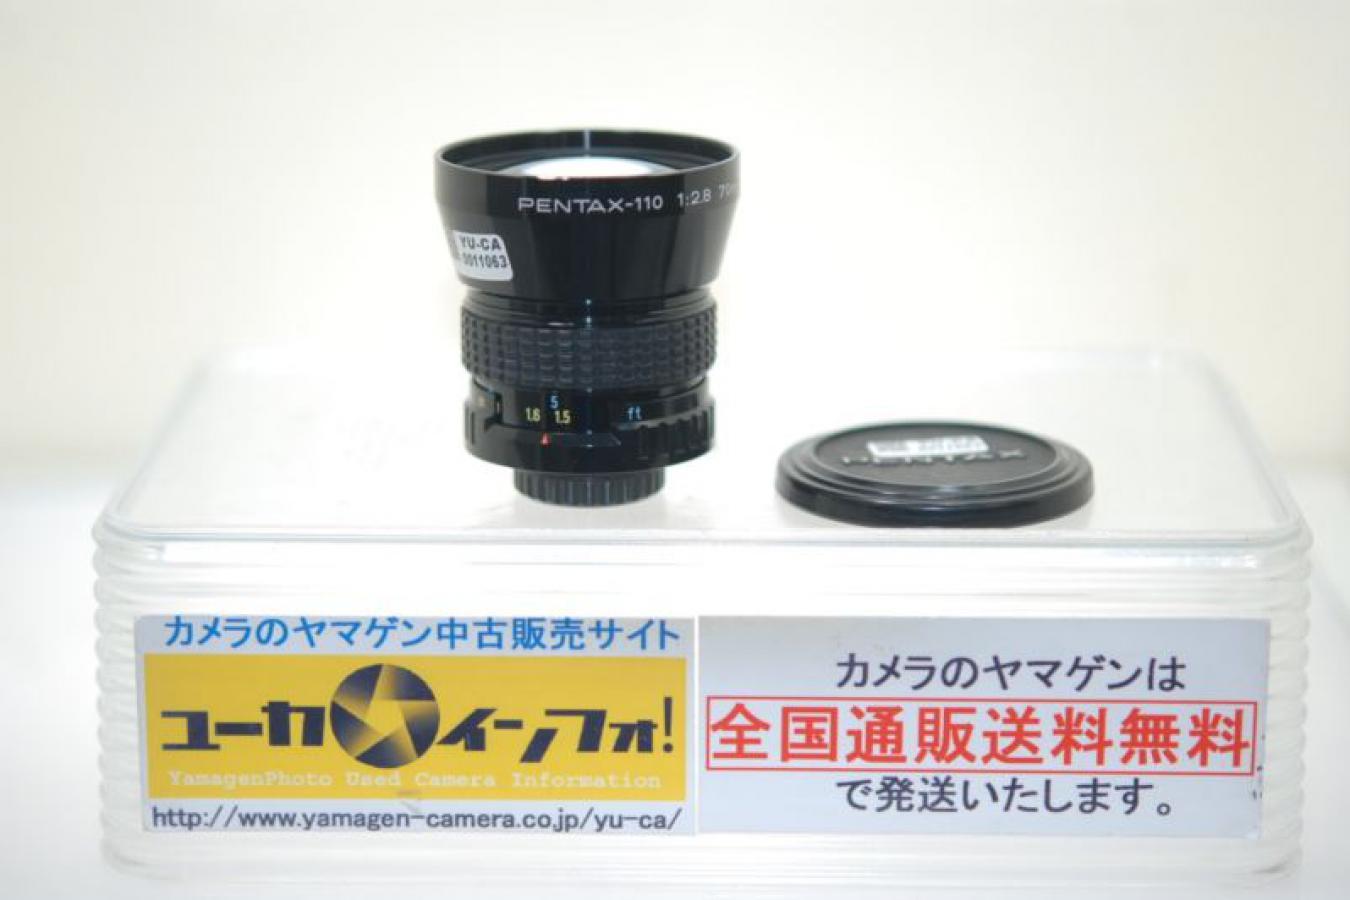 PENTAX-110 70mm F2.8 【オート110用レンズ】